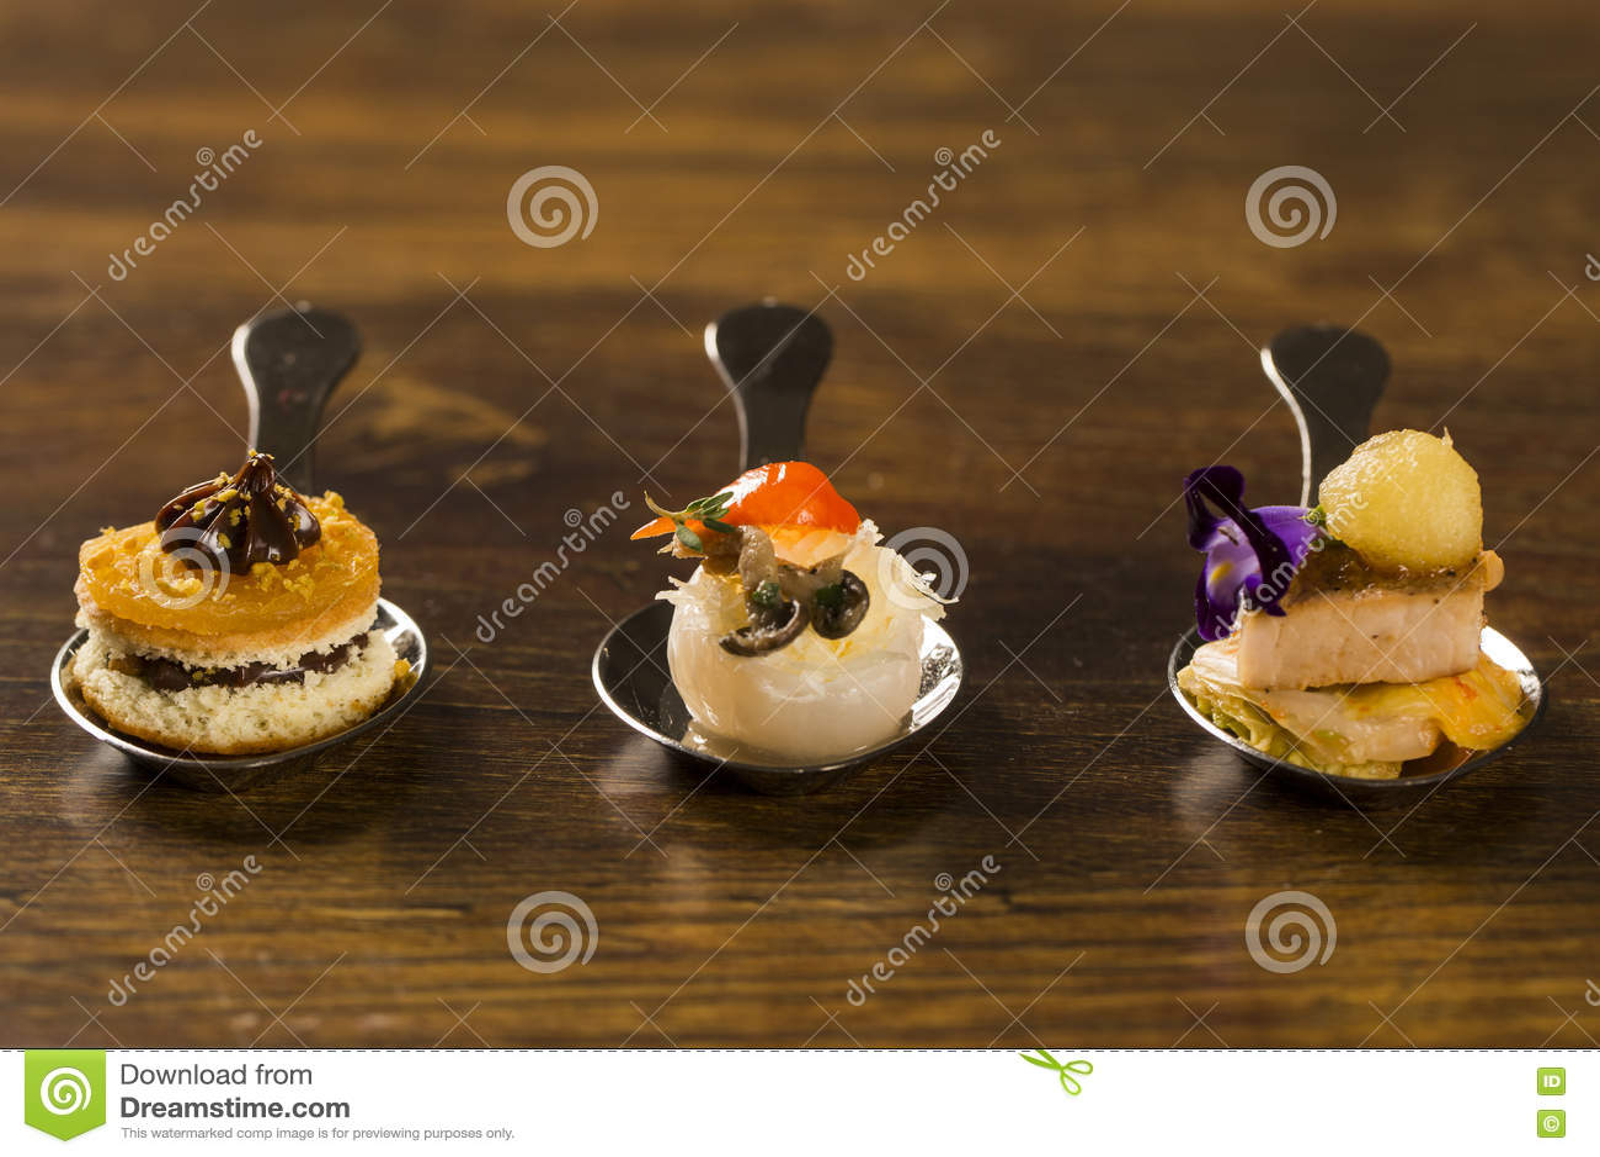 Eintritt, Zutritt und Nachtisch des Fingerfoods in einem Löffel Geschmack gastr